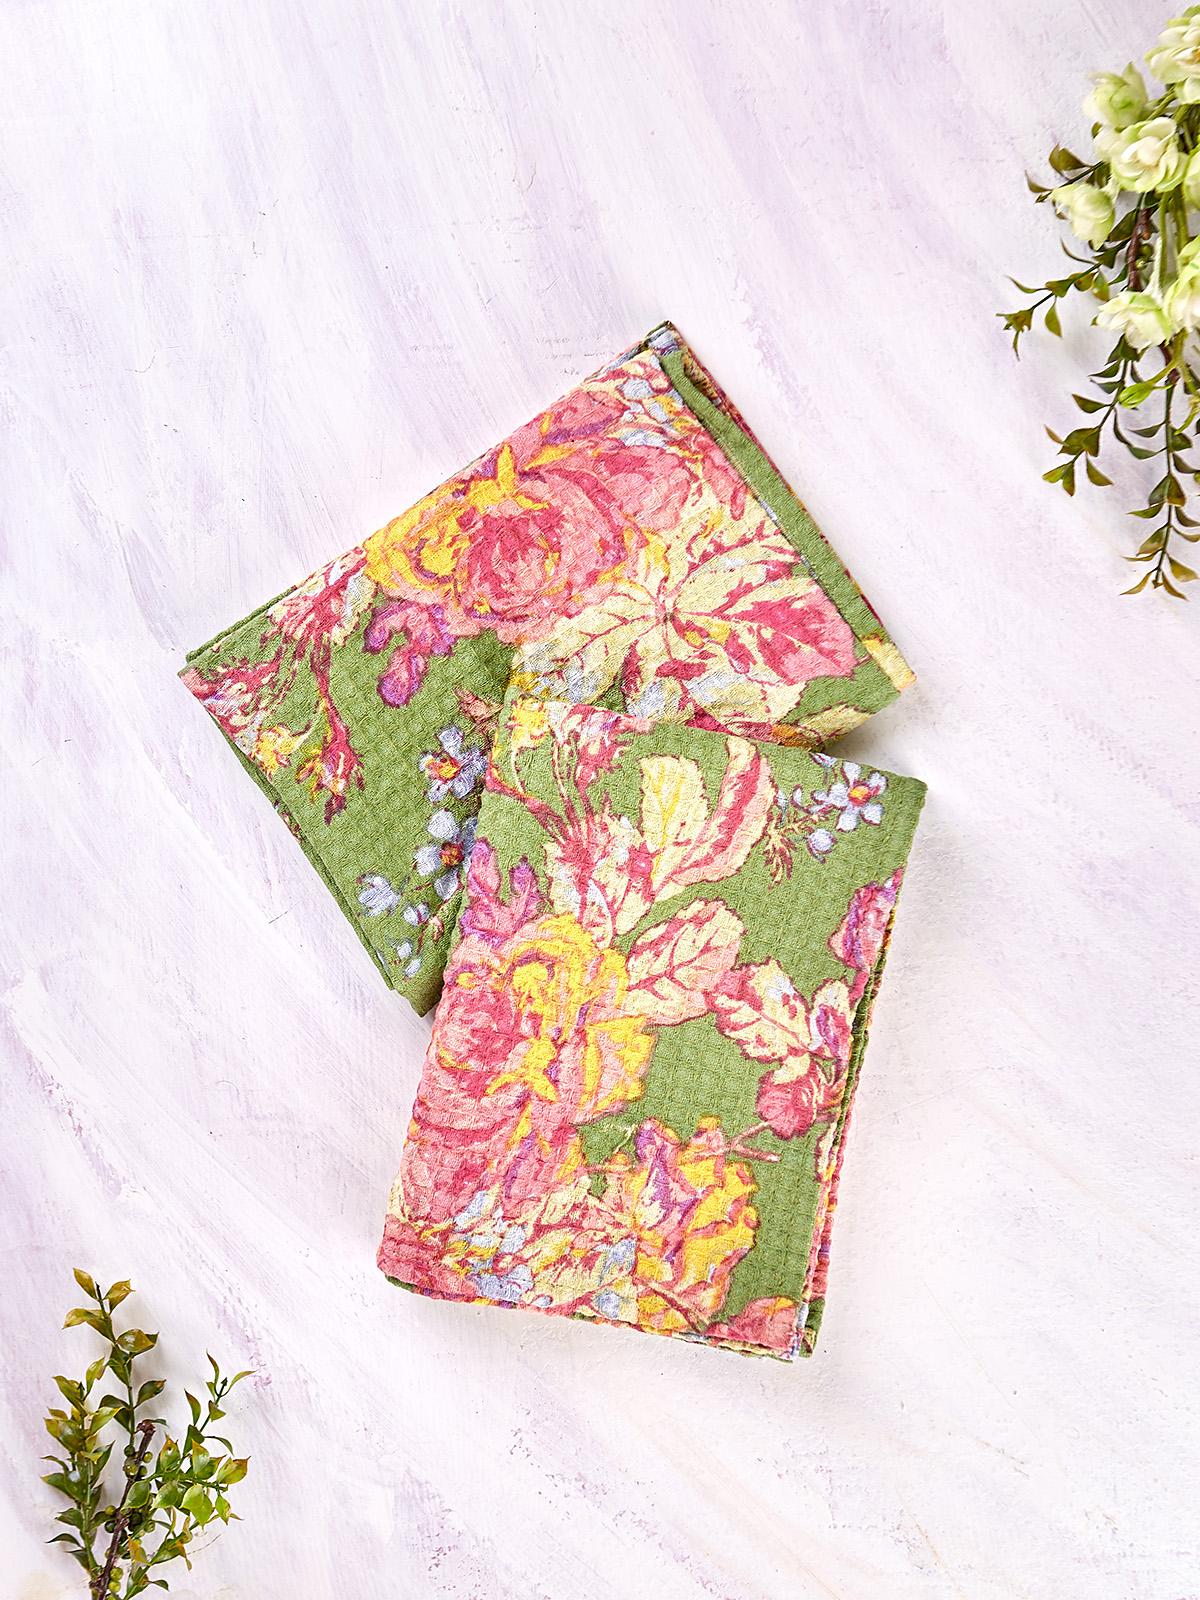 Victorian Rose Honeycomb Tea Towel Set of 2